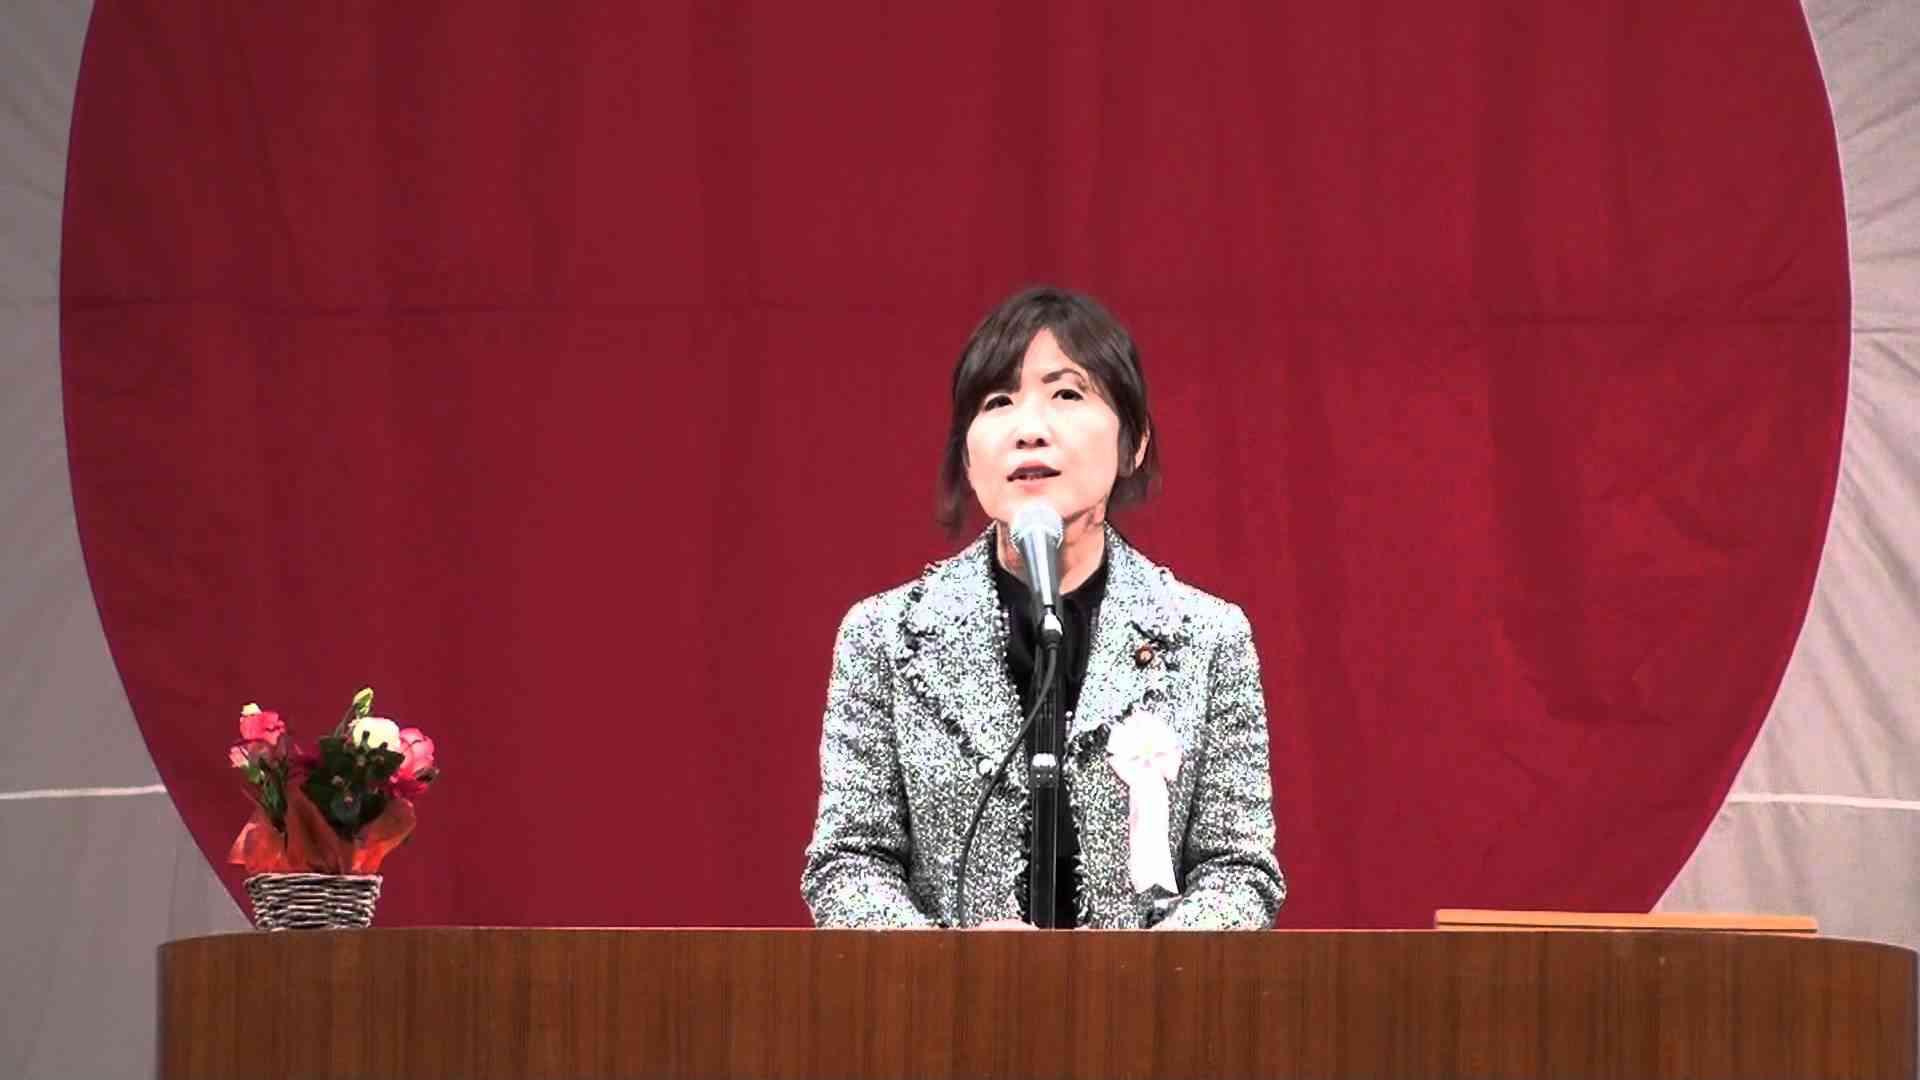 稲田朋美 名演説 高画質 - YouTube